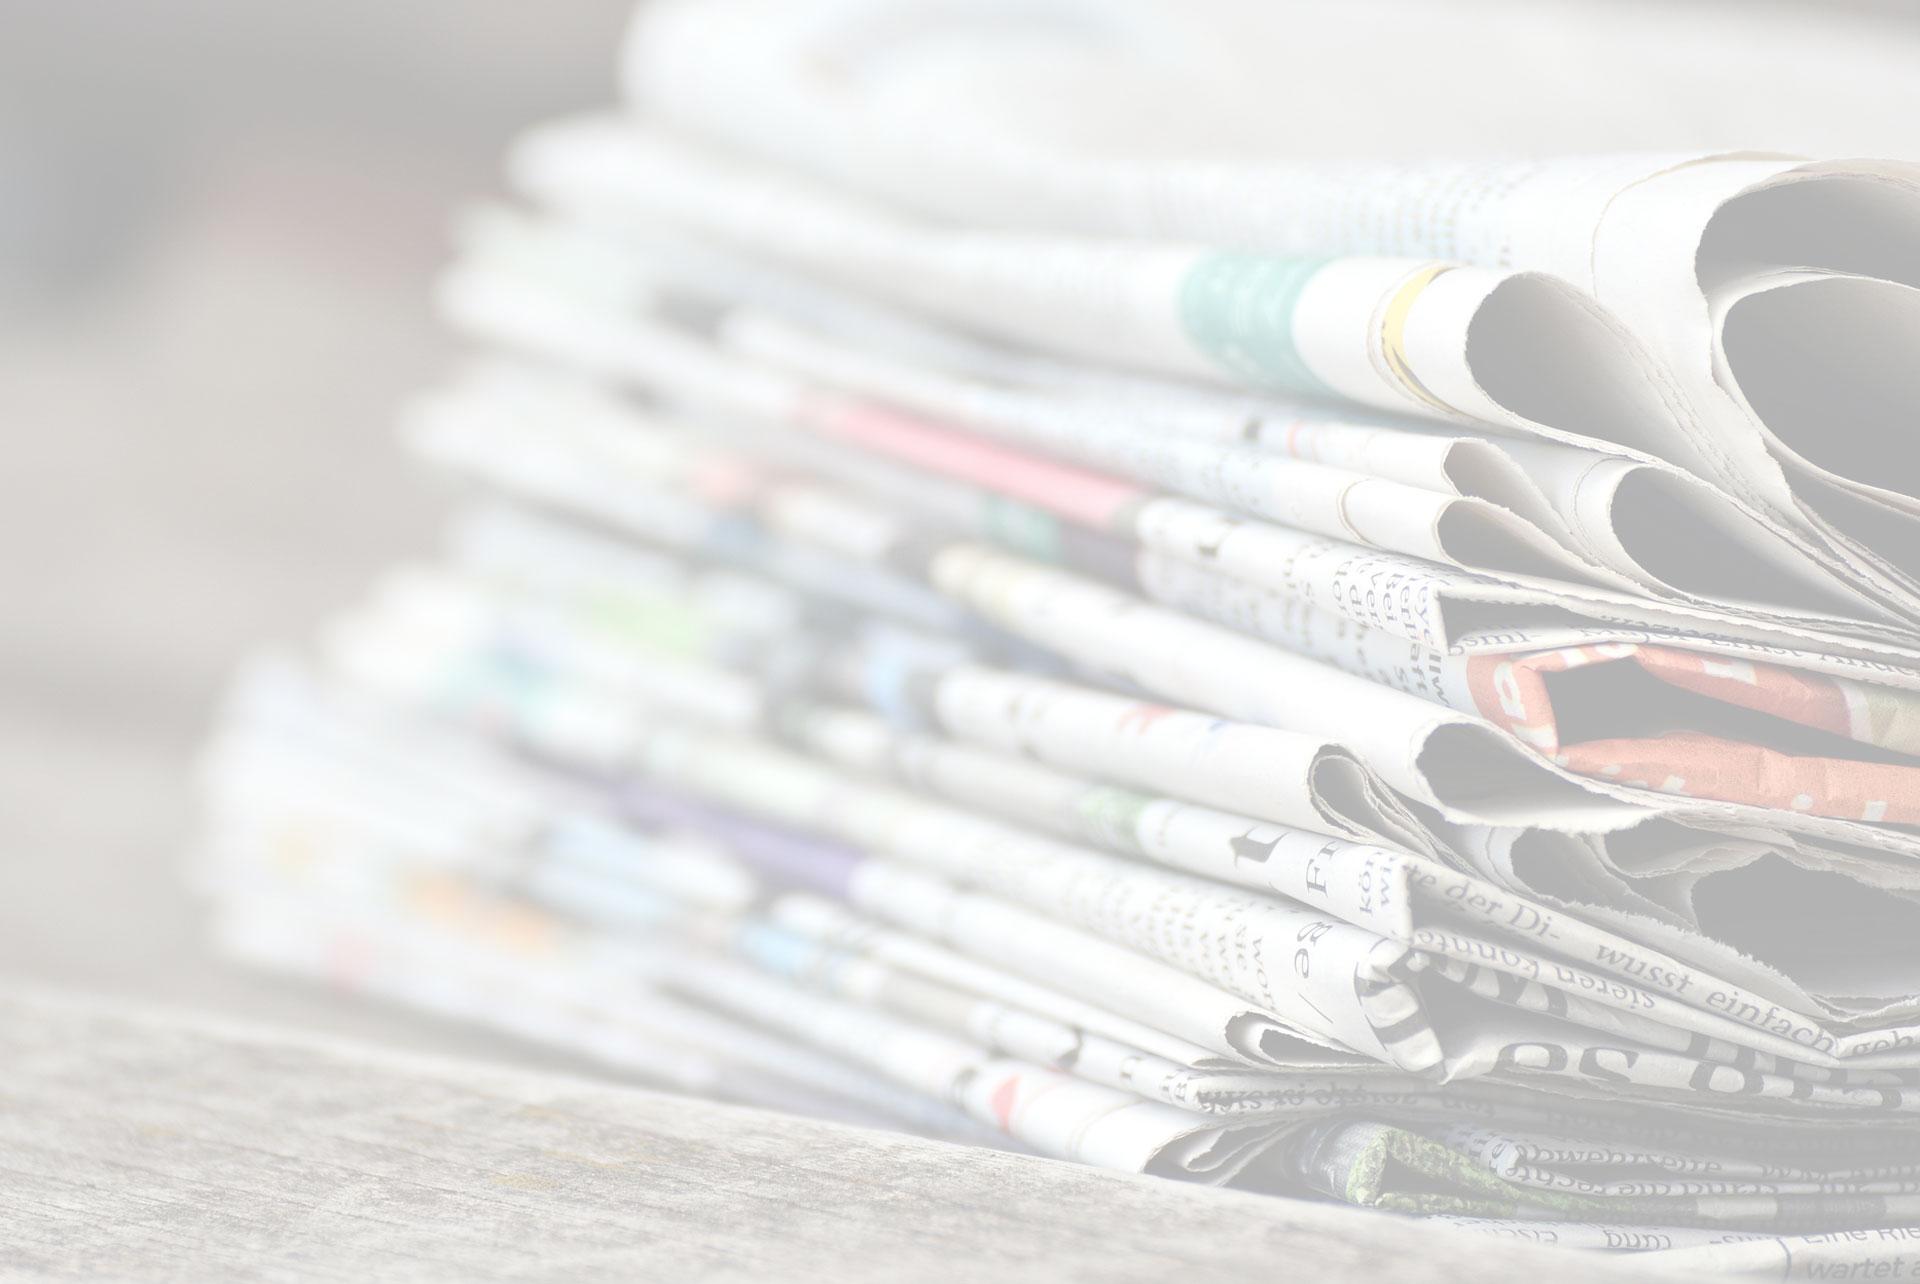 depositi_bancari